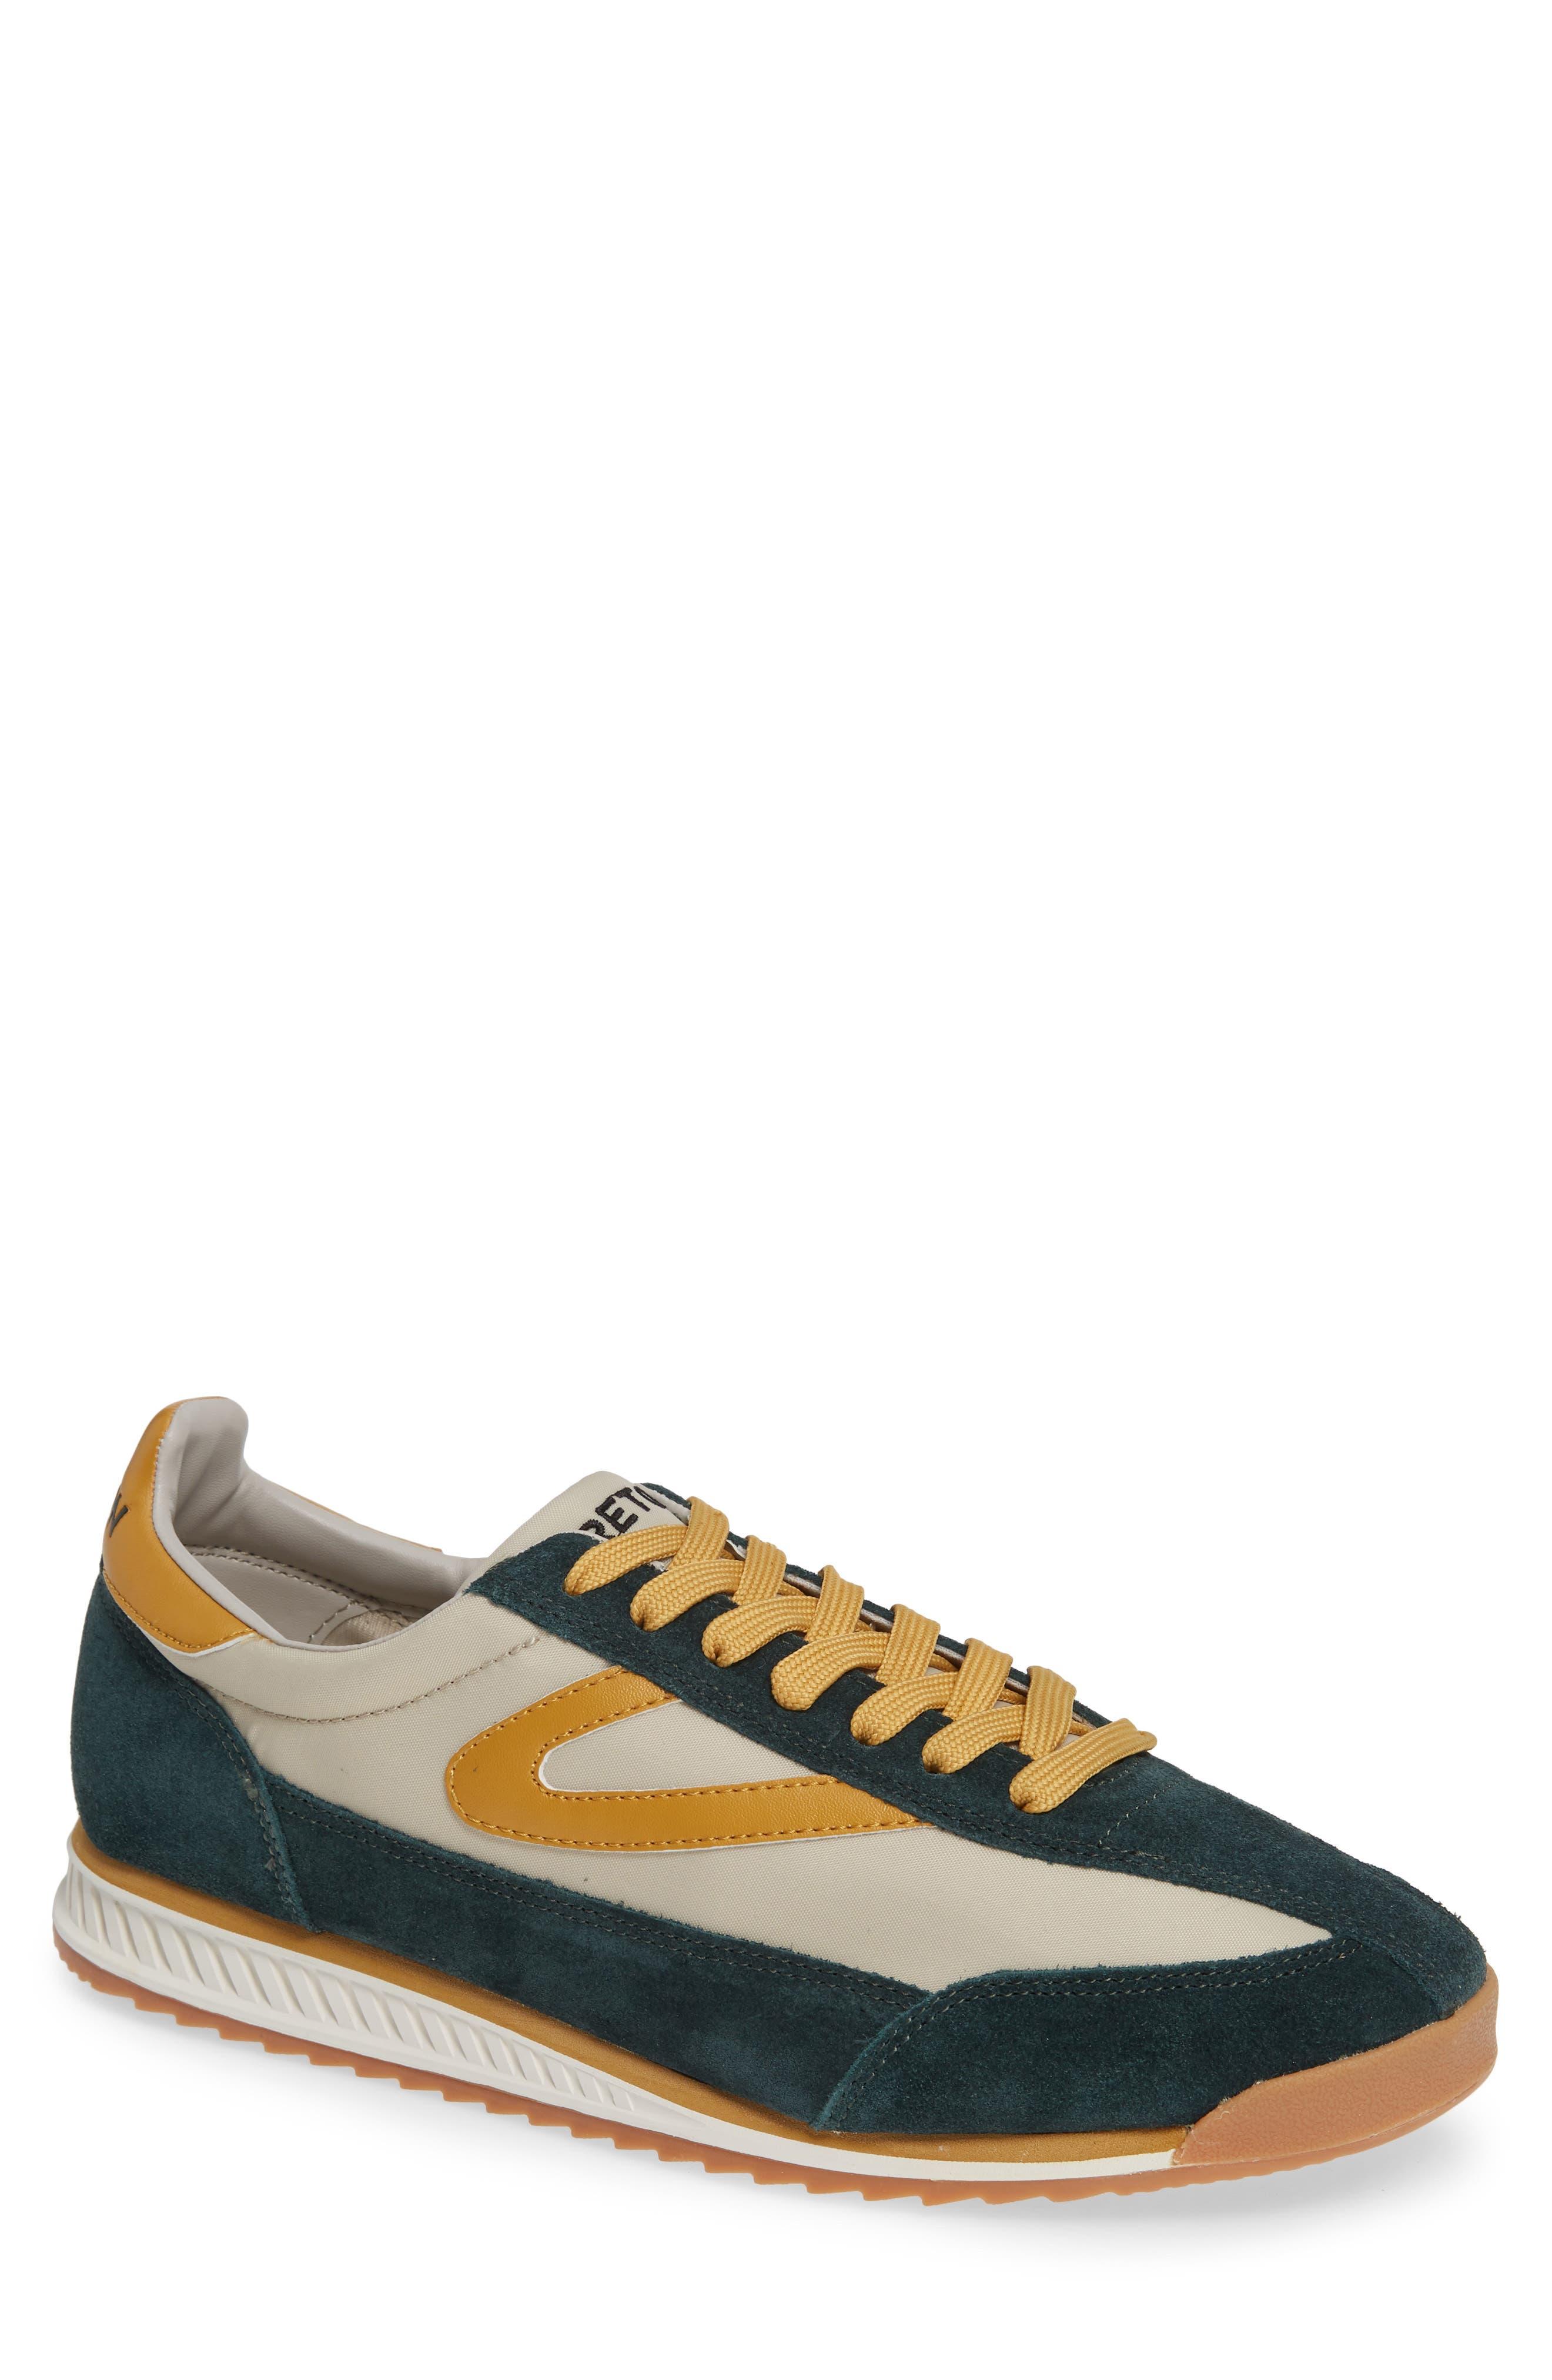 Rawlins2 Sneaker,                             Main thumbnail 1, color,                             300